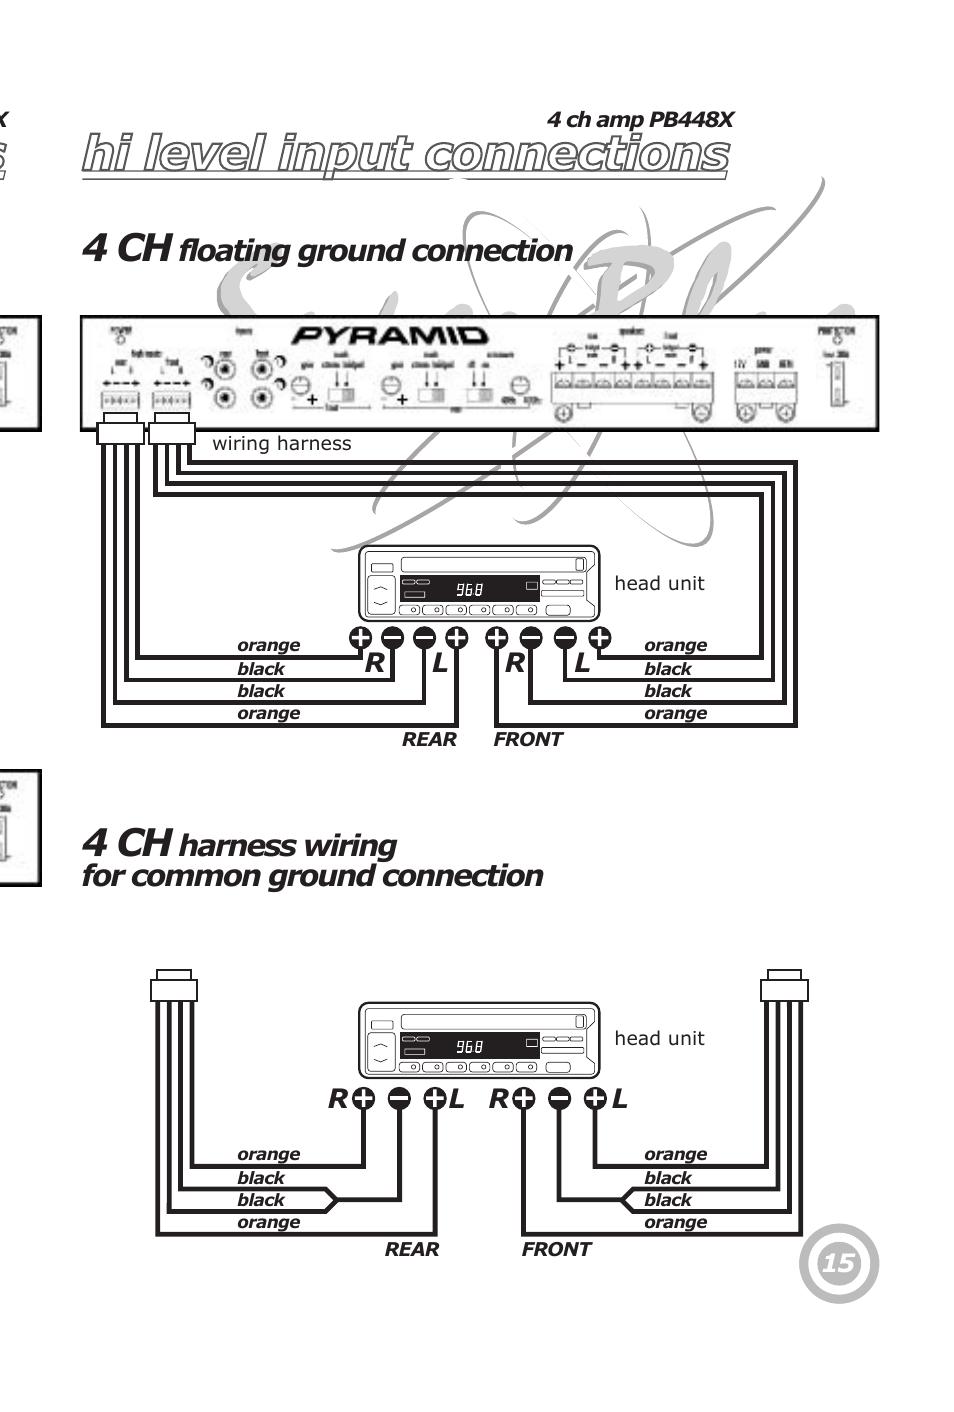 Steam U2013 Sankey Diagrams Manual Guide